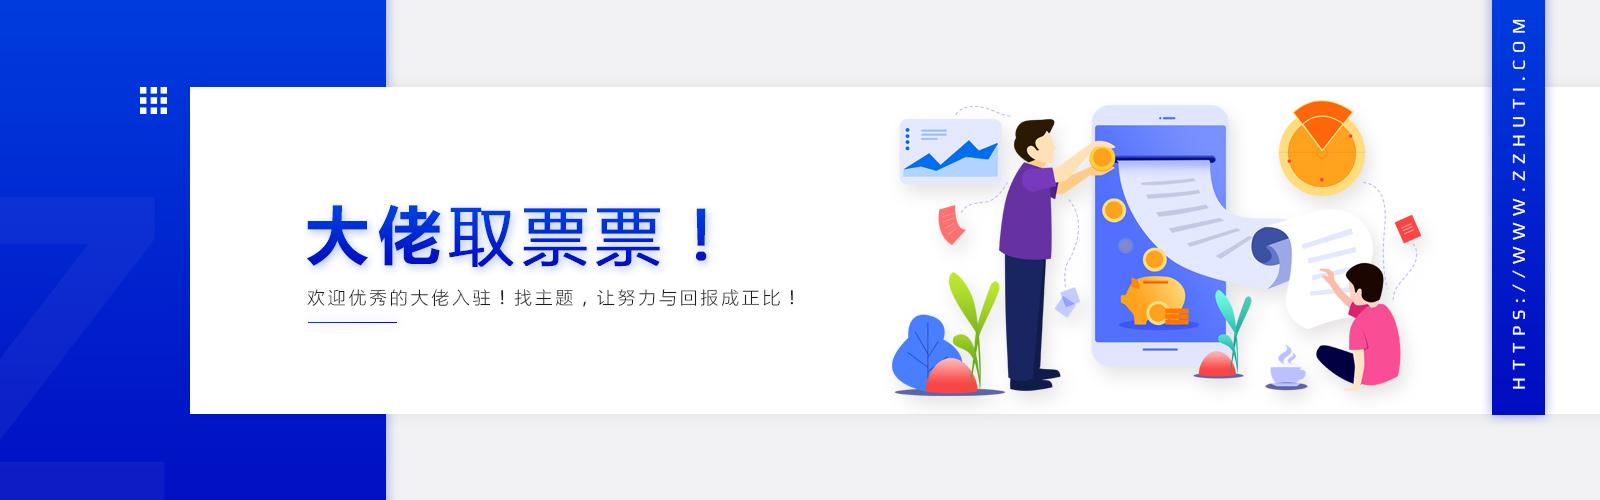 网络大佬自由变现之路插图(1)